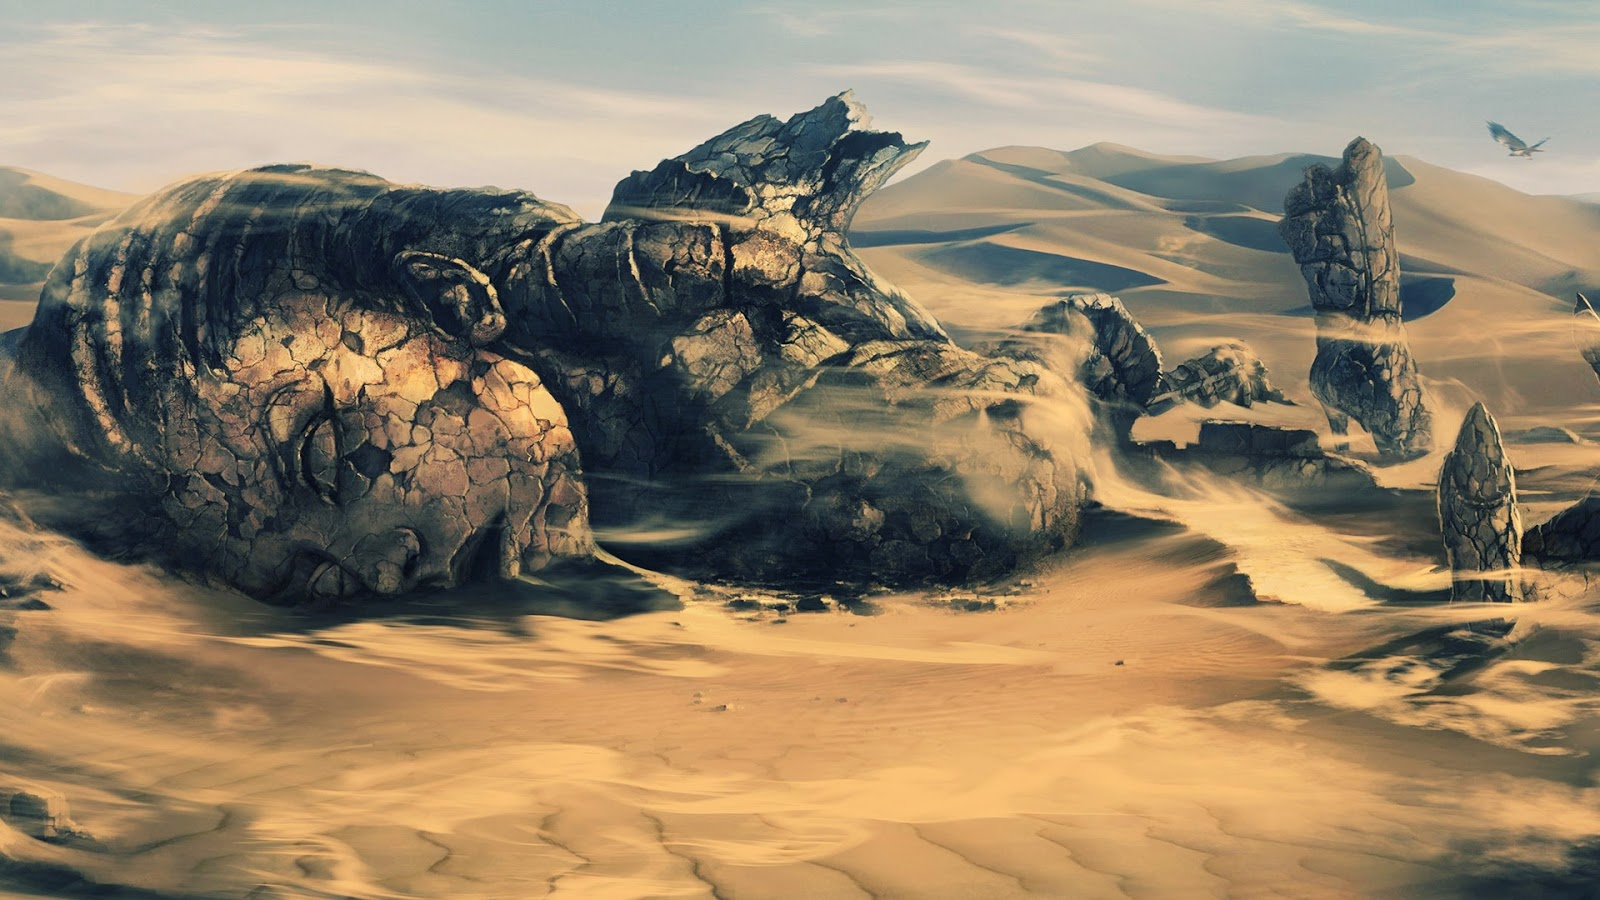 7 razões que nos fazem acreditar que civilizações avançadas existiam antes da nossa